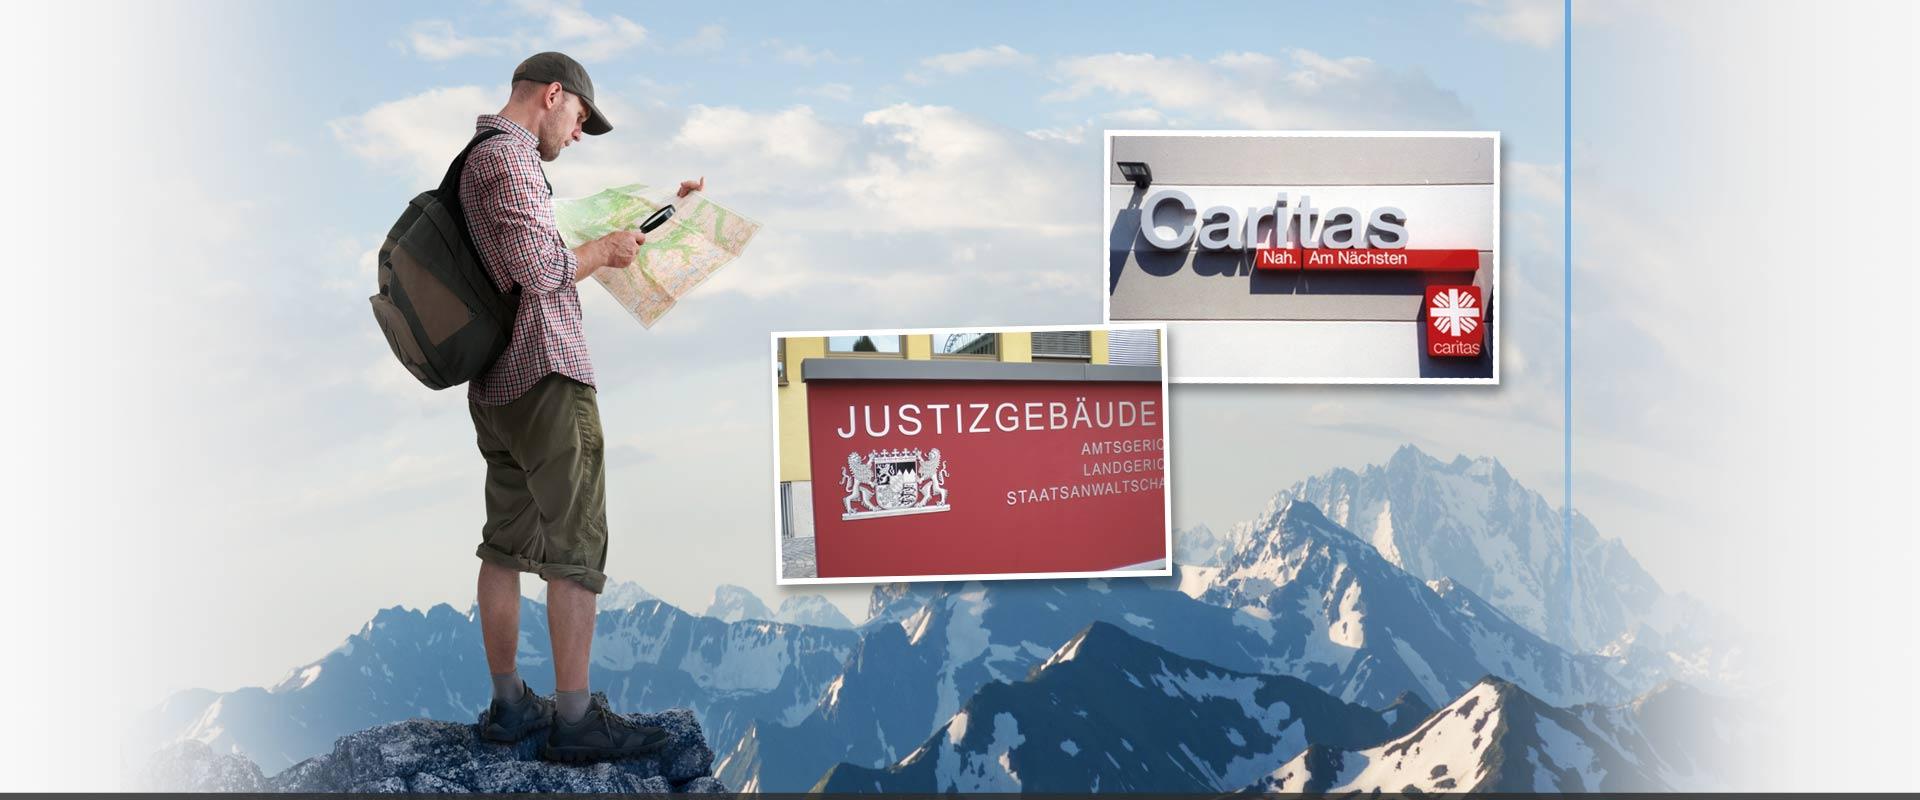 Startseite_Schildertechnik_Paschold-2